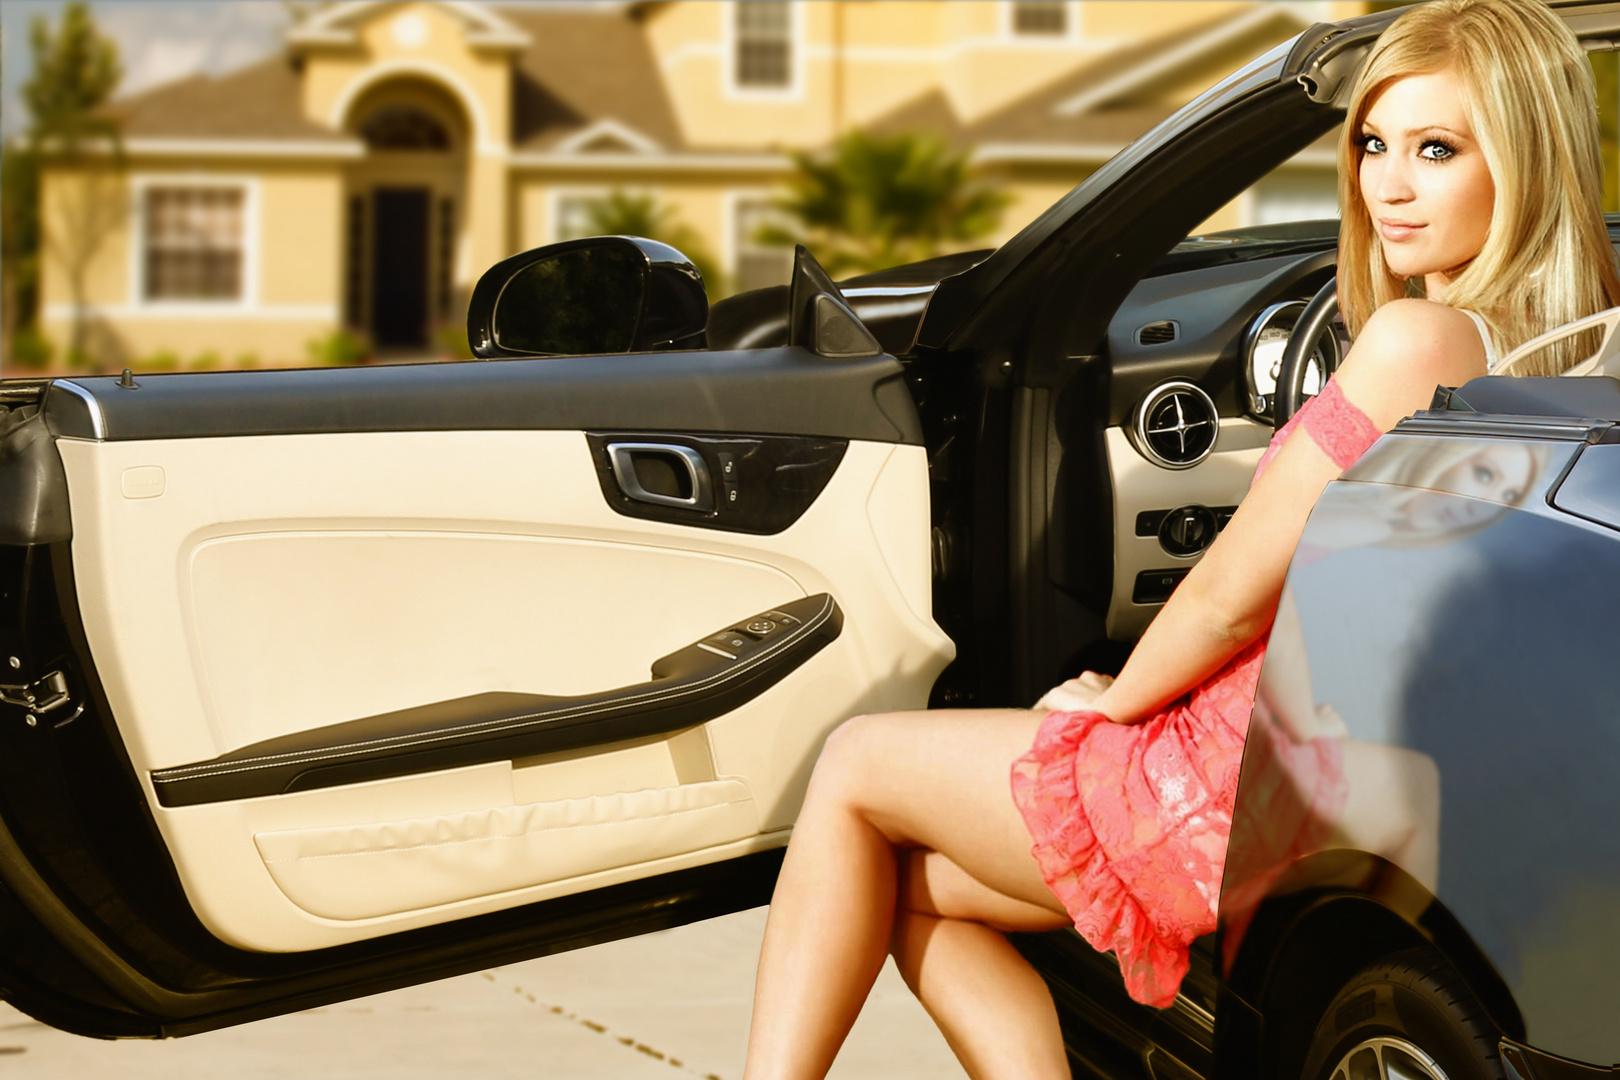 Mercedes Girl 3-2